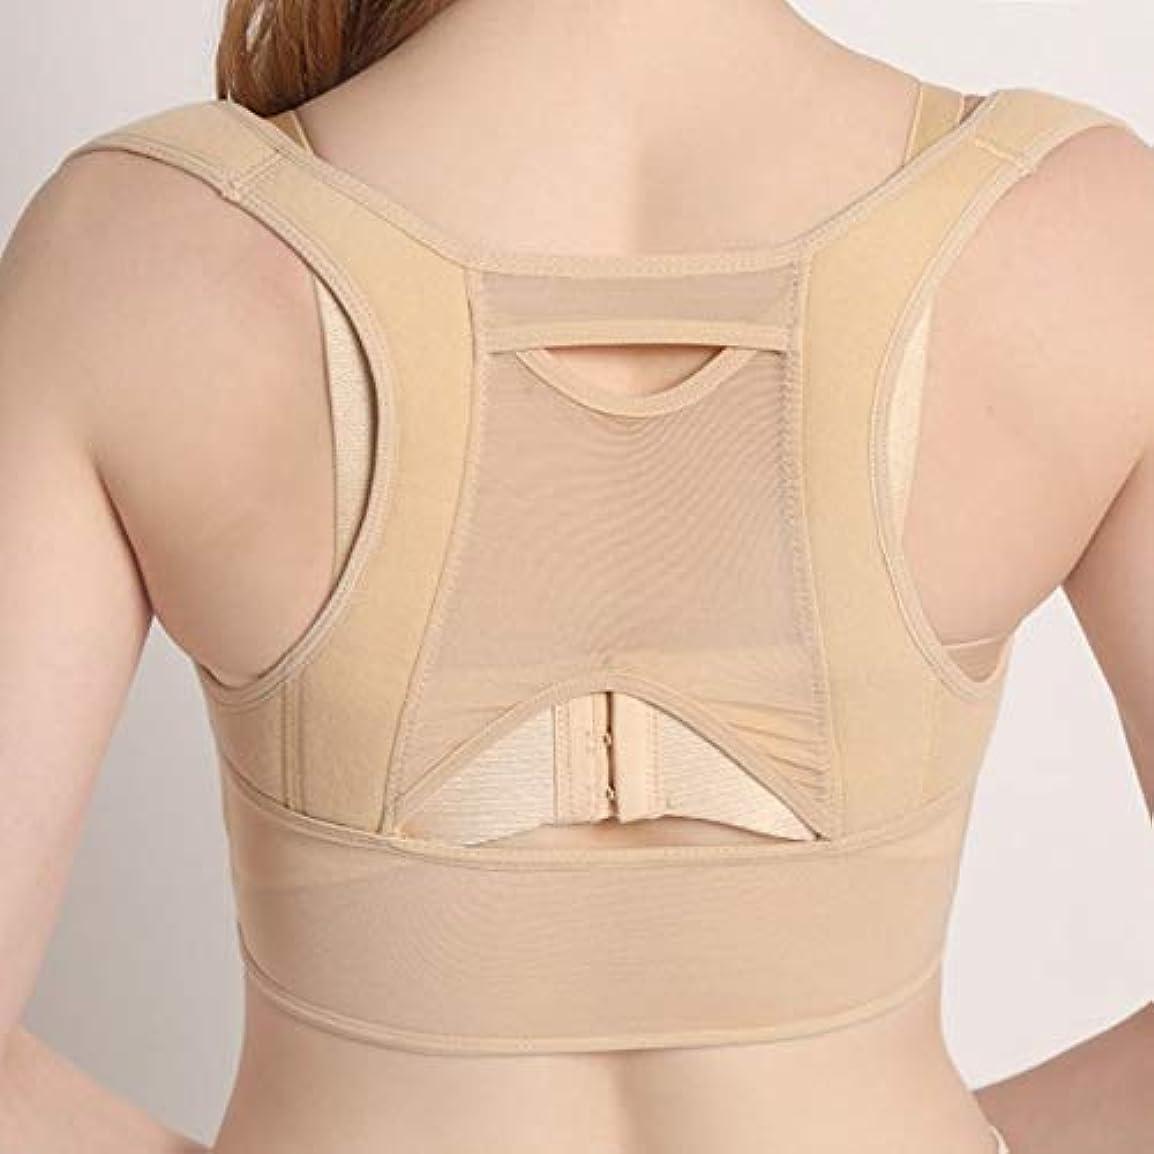 手紙を書くレビュアー迷惑通気性のある女性の背中の姿勢矯正コルセット整形外科の肩の背骨の背骨の姿勢矯正腰椎サポート